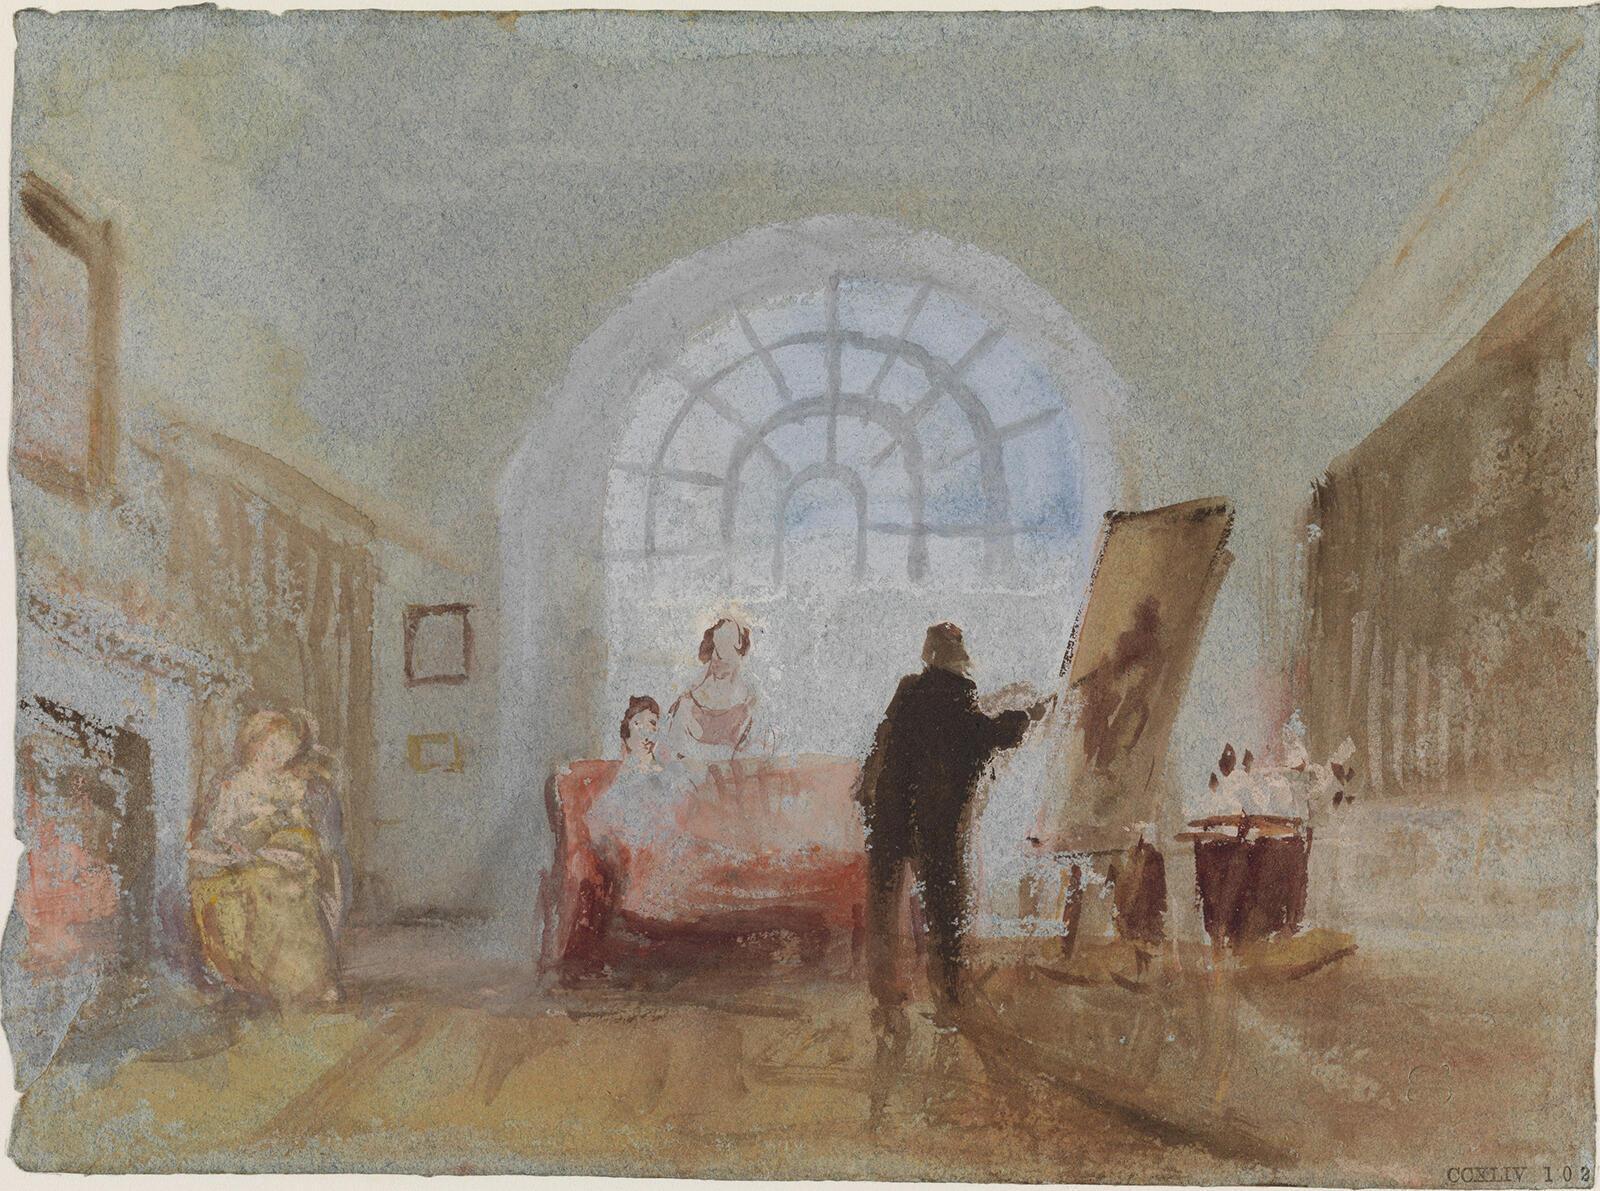 Художник и его почитательницы. Уильям Тернер. Акварель, пигменты, бумага. 1827.